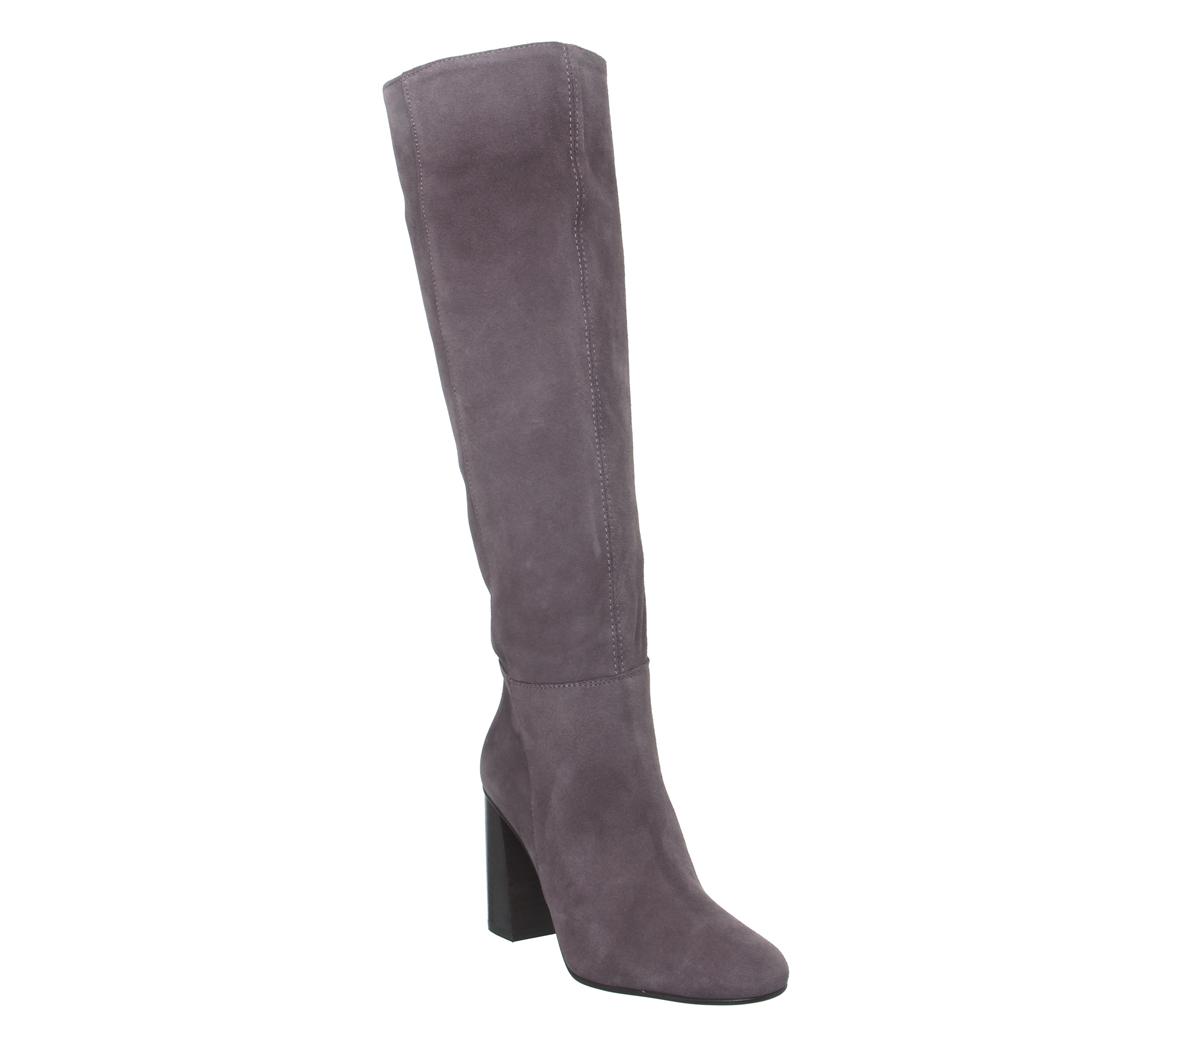 Mujer Office Koko sin Cierres Cierres Cierres Tacón en Bloque botas ante gris Brillante Choc de 47ed20